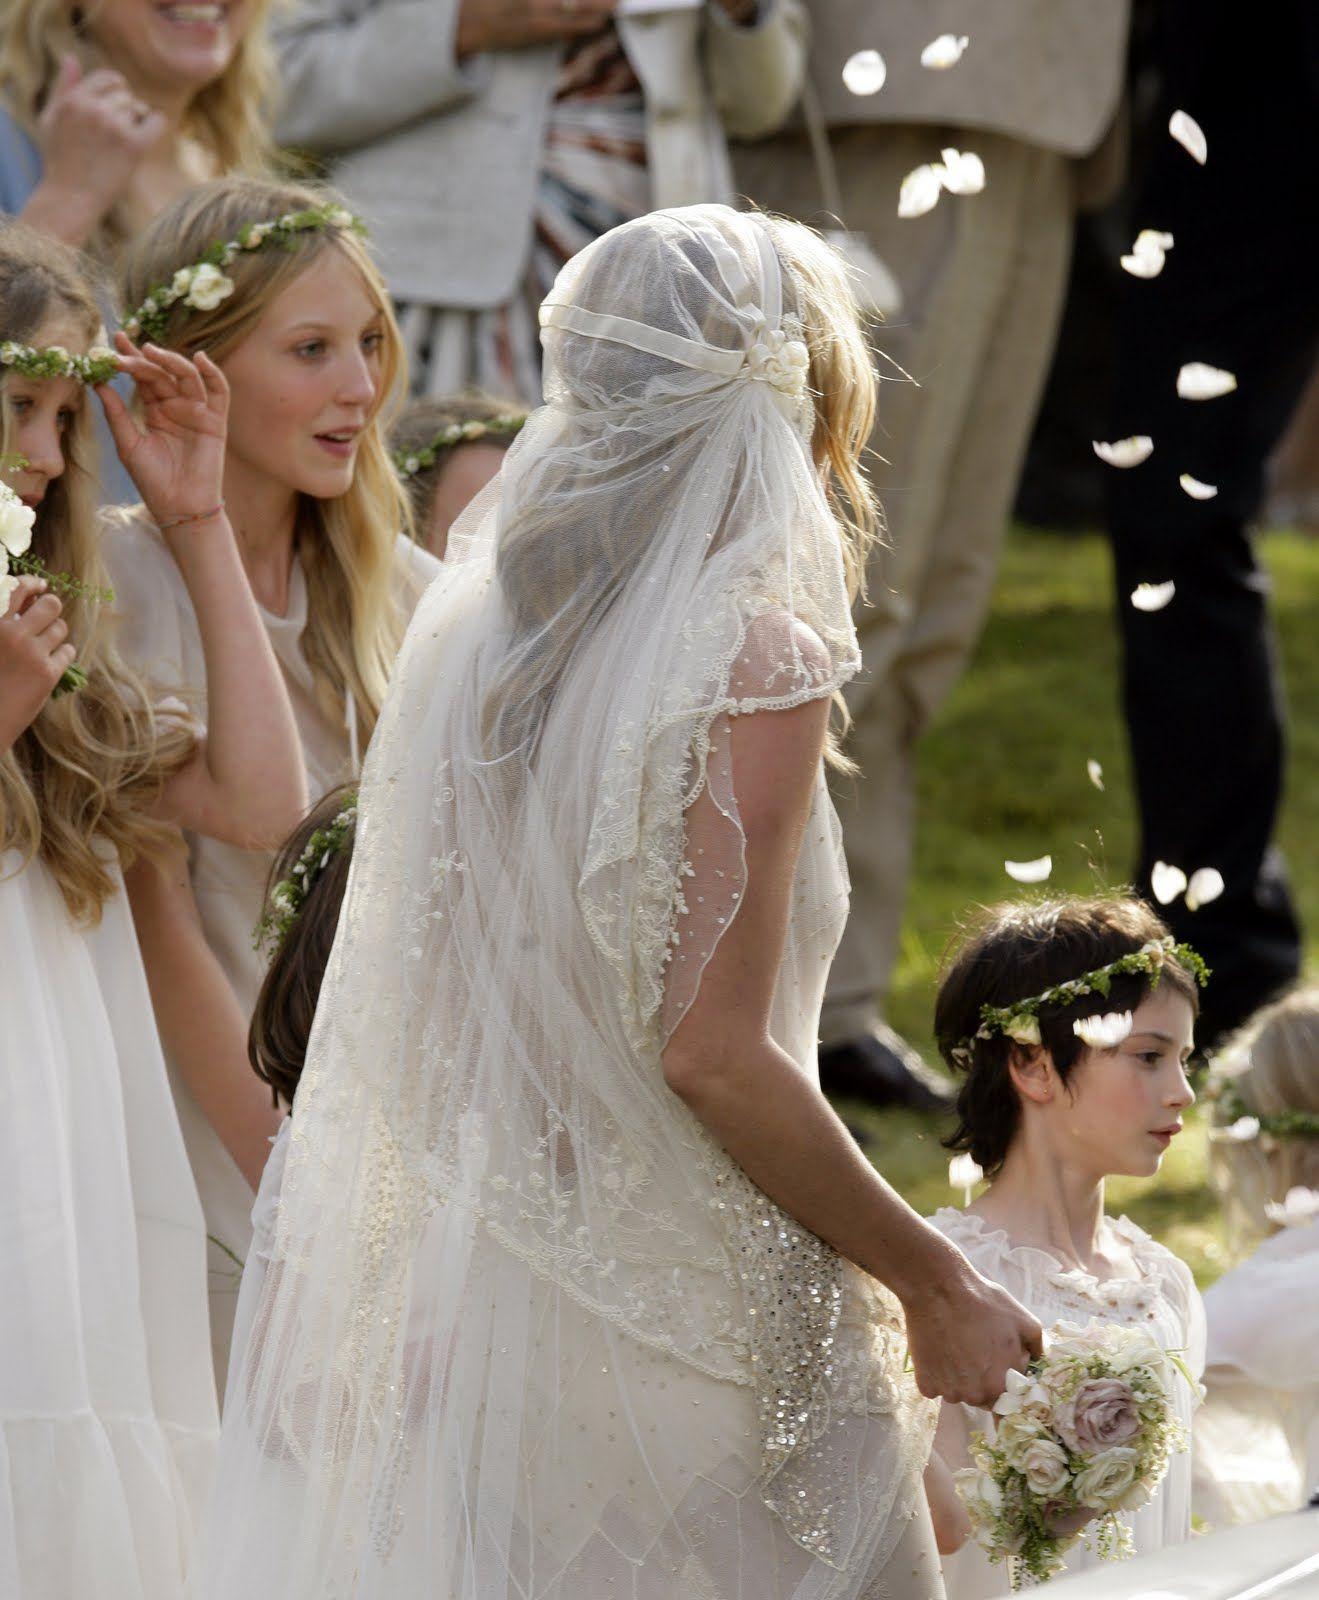 Ð?аÑ?Ñ?инки по запÑ?оÑ?Ñ? kate moss wedding